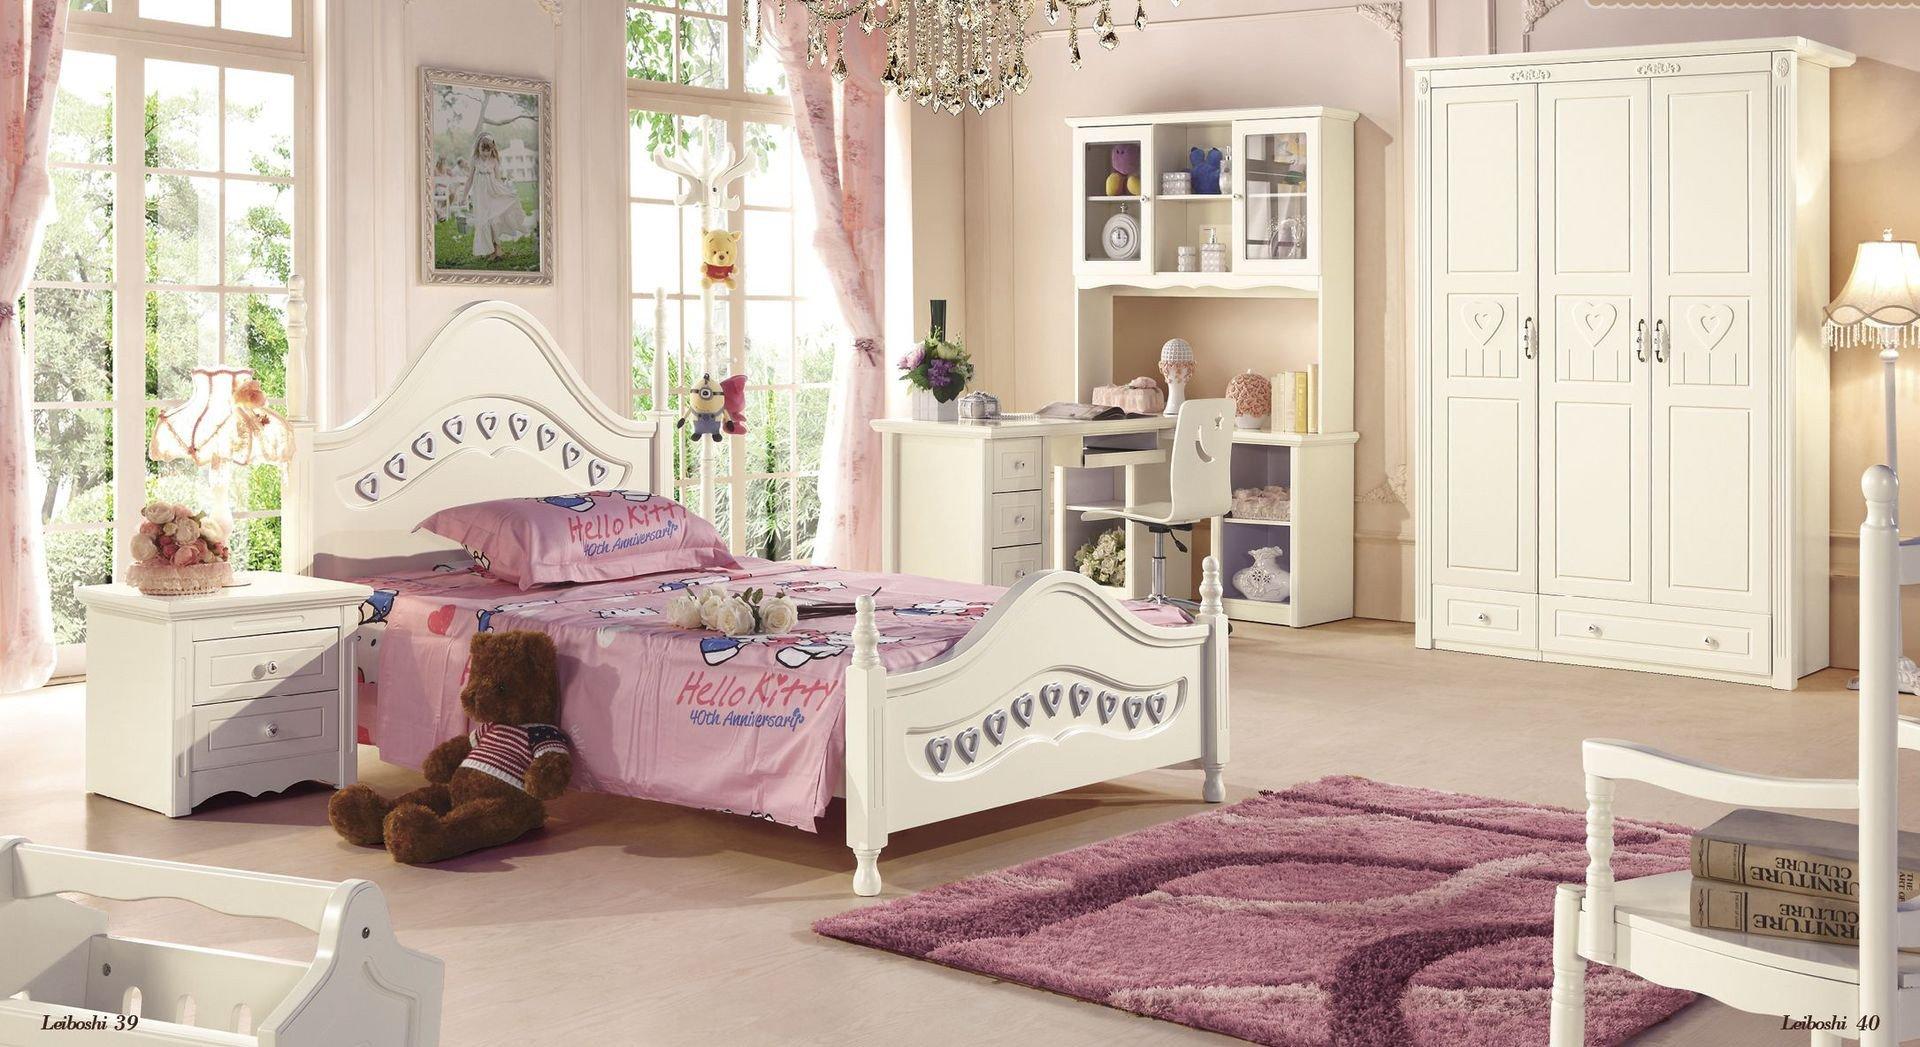 Wooden Bedroom Furniture Set Unique solid Wood Bedroom Furniture for Kids